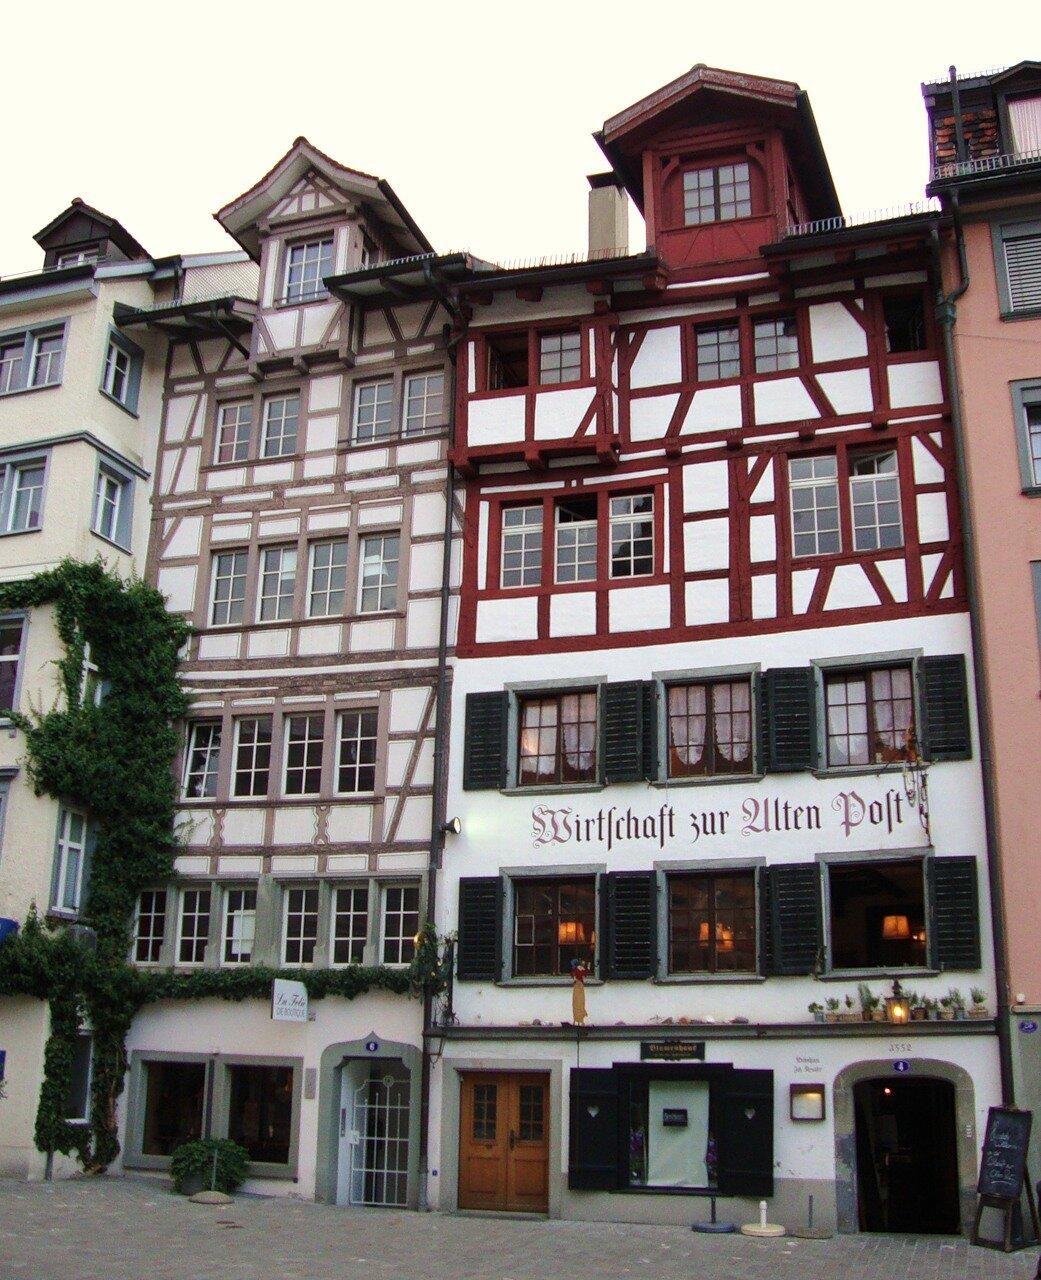 Дом справа датирован 1552 г.